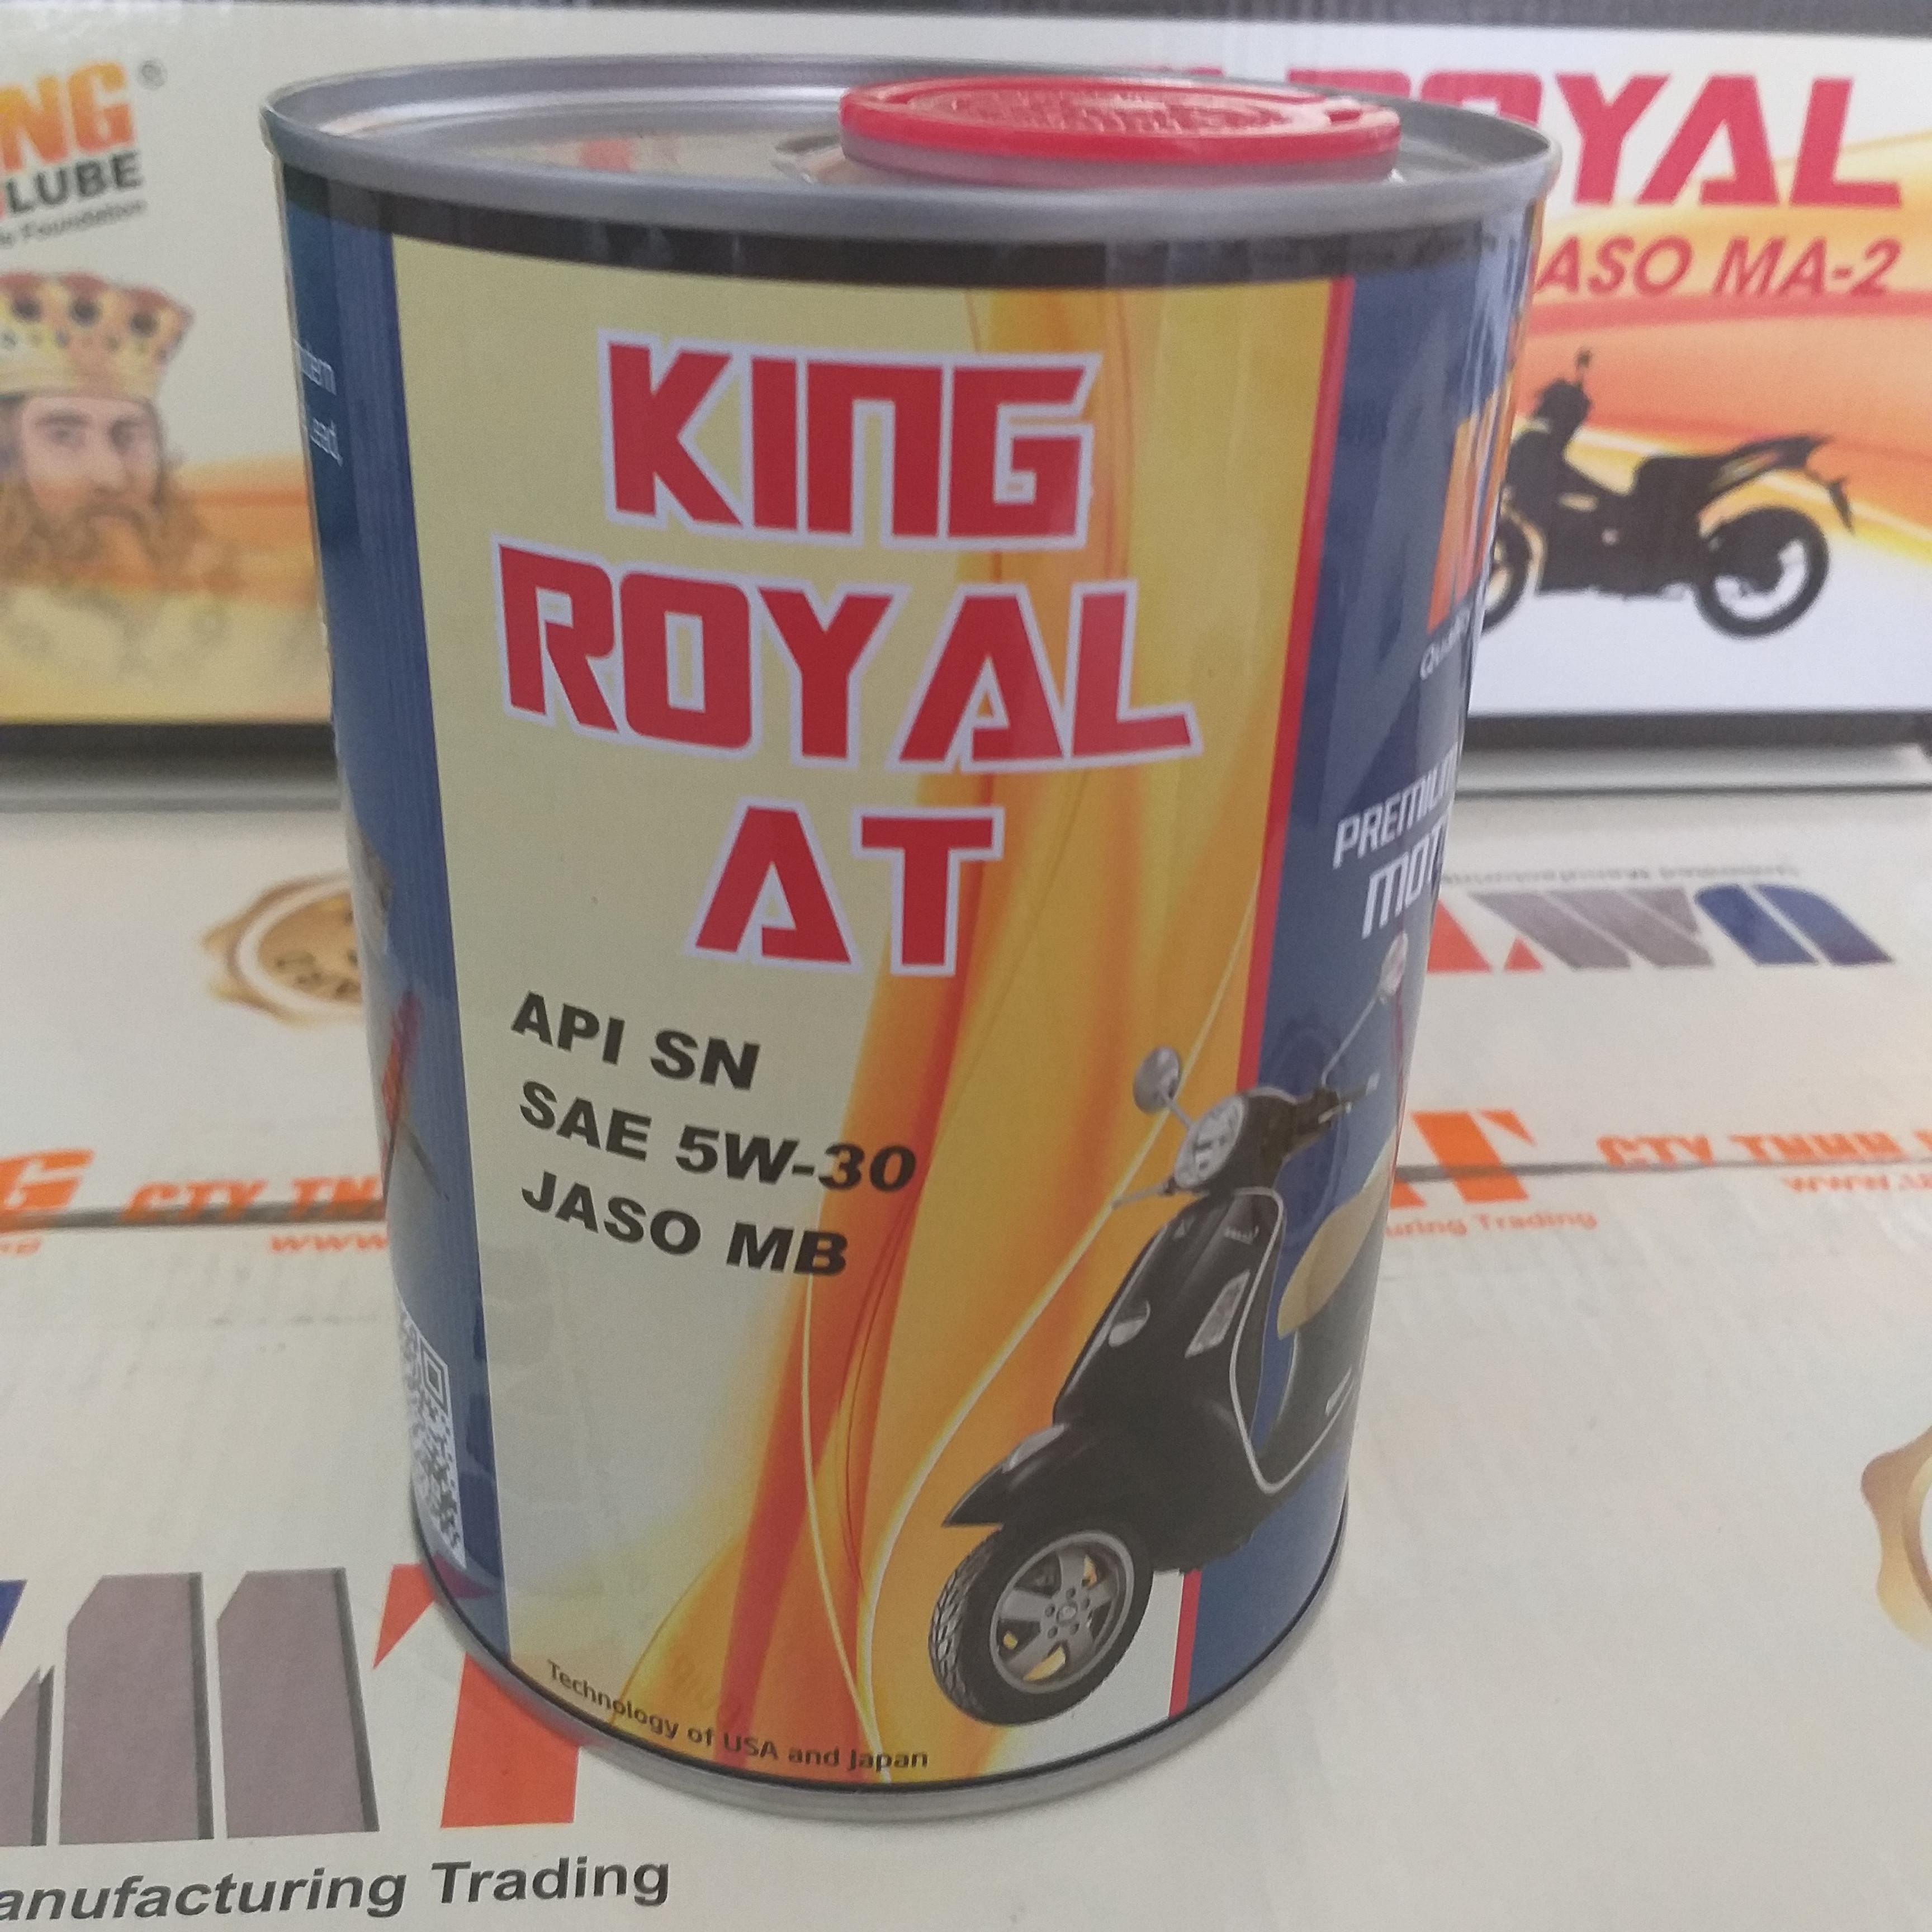 Dầu nhớt xe máy tổng hợp KING ROYAL AT, API SN, SAE 5W30, JASO MB phù hợp cho mọi loại xe tay ga cao cấp hiện nay. Giúp động cơ tăng tốc vượt trội, tuổi thọ bền lâu, tiết kiệm nhiện liệu, mạnh mẽ trên mọi cung đường. Sản phẩm chính hãng 100%